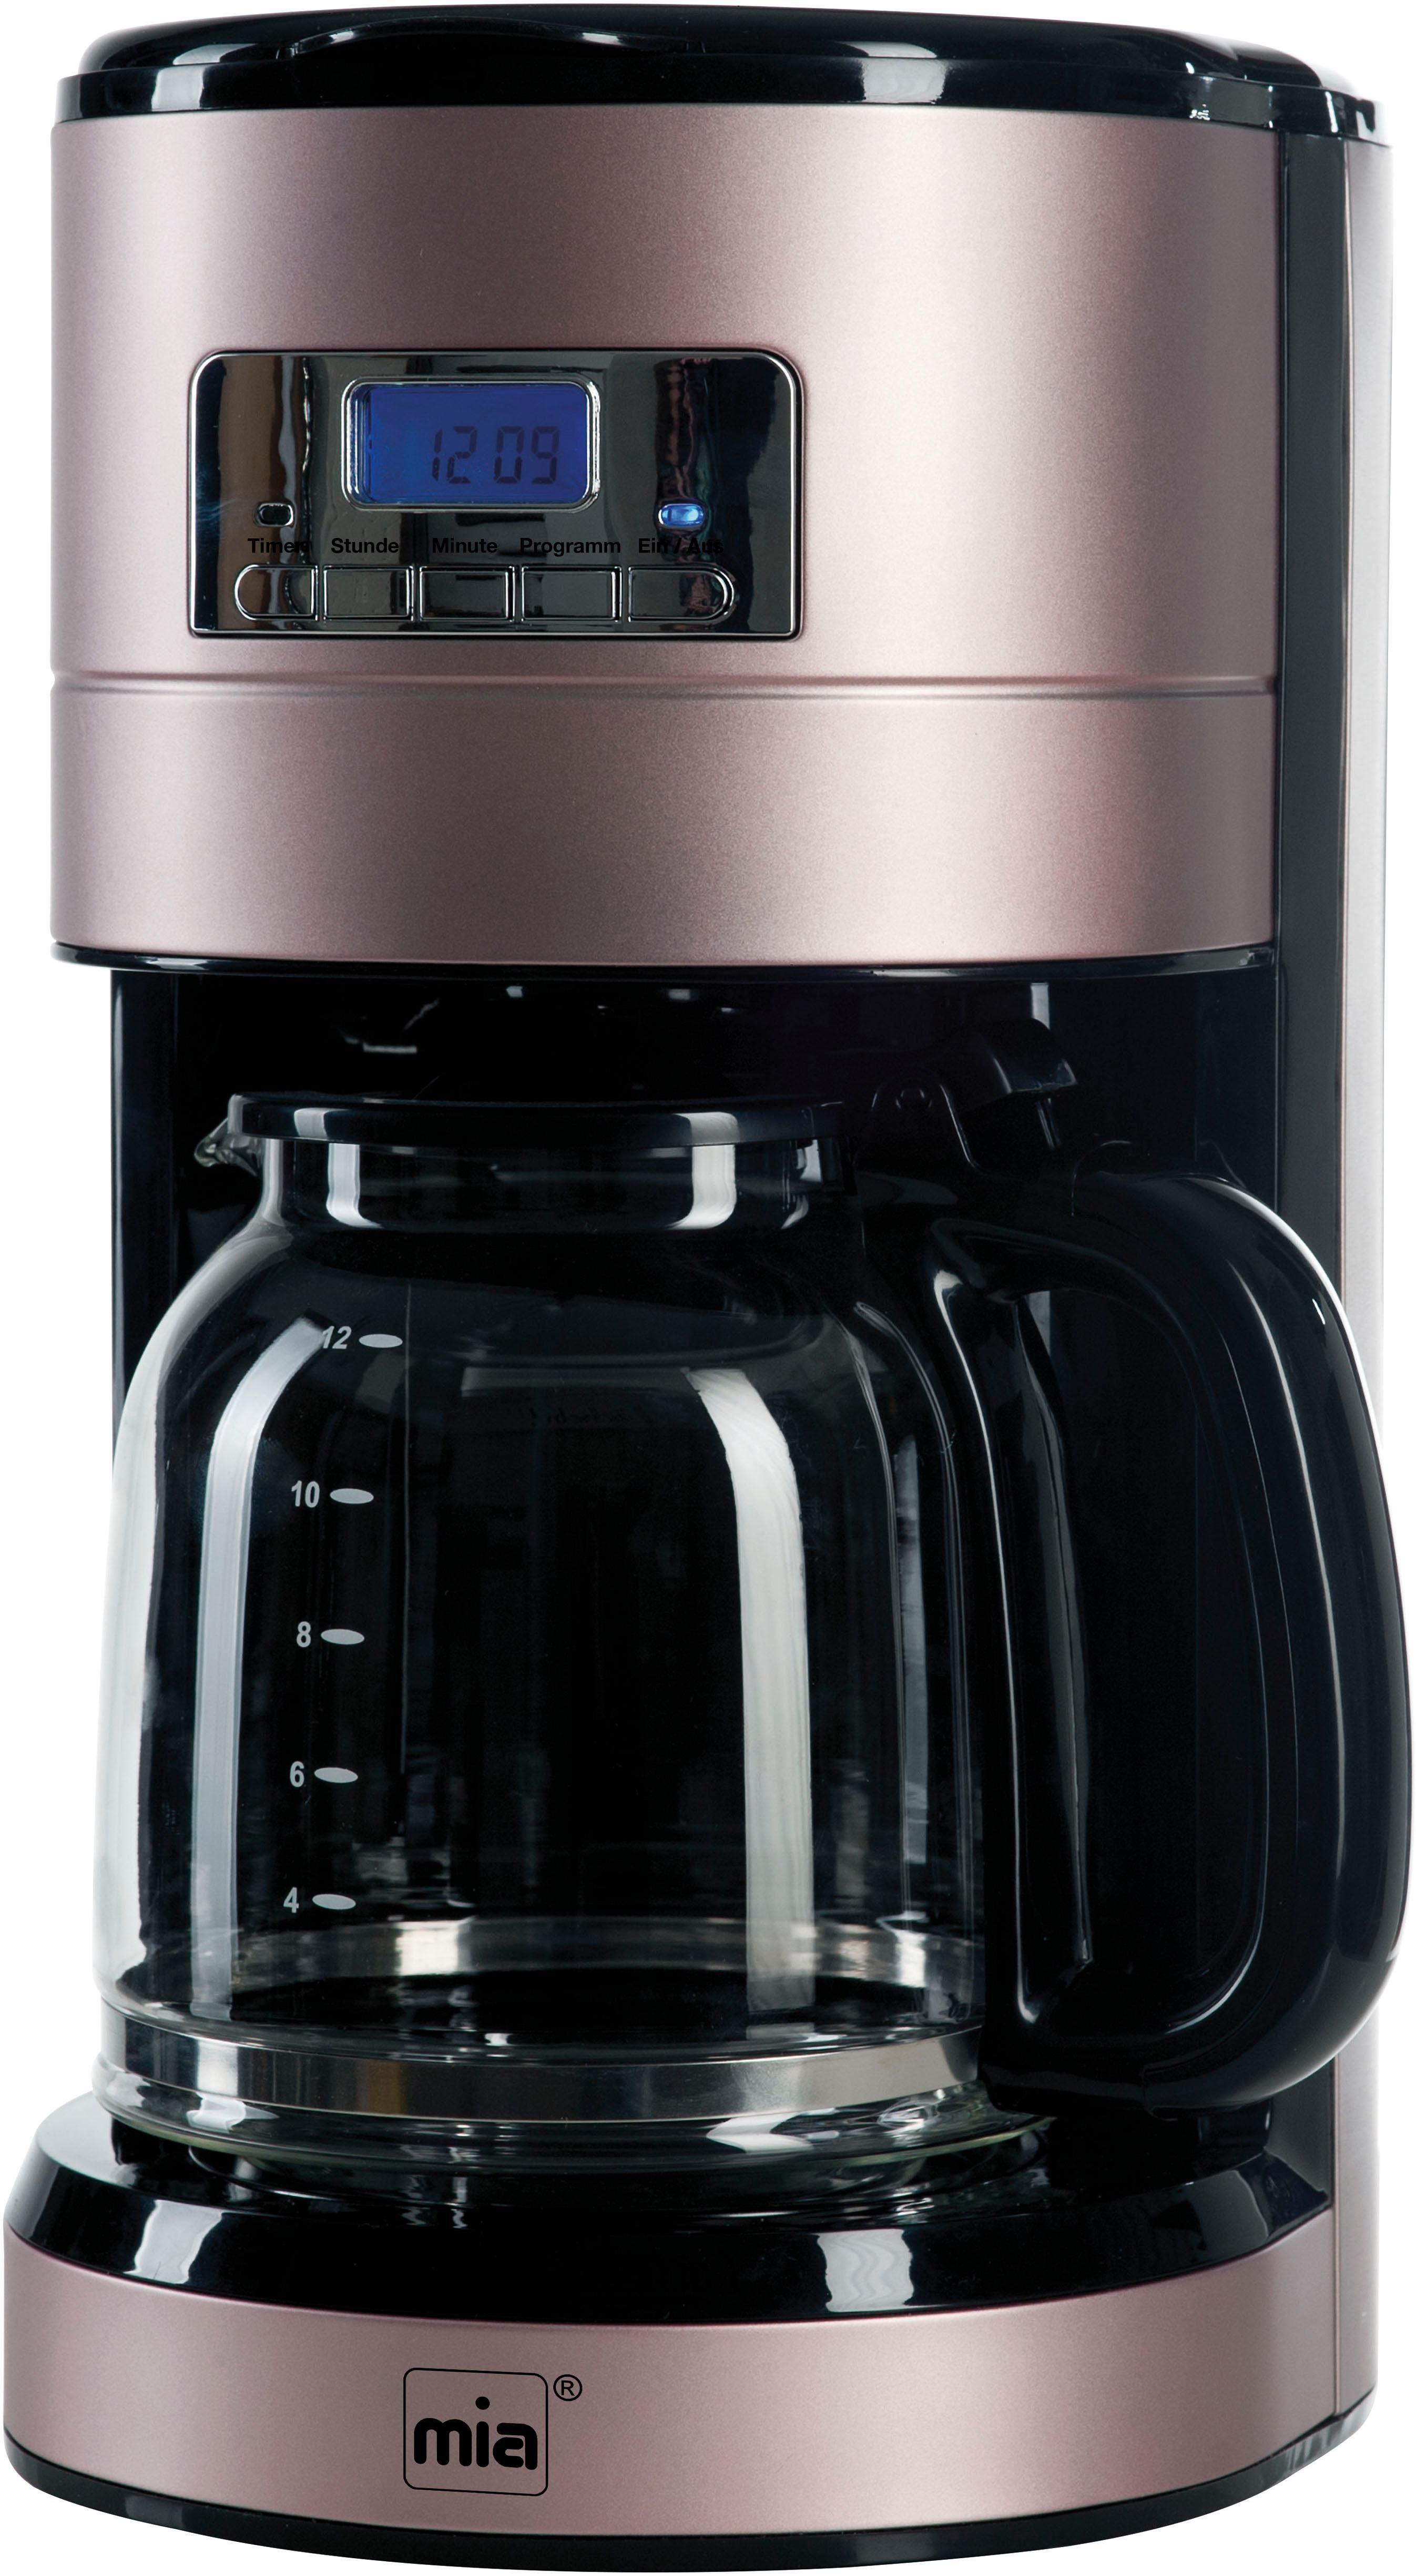 MIA Filterkaffeemaschine Prodomus Retro KF 1743RG, 1,8l Kaffeekanne, Permanentfilter 1x4, Anti-Rutsch-Füße